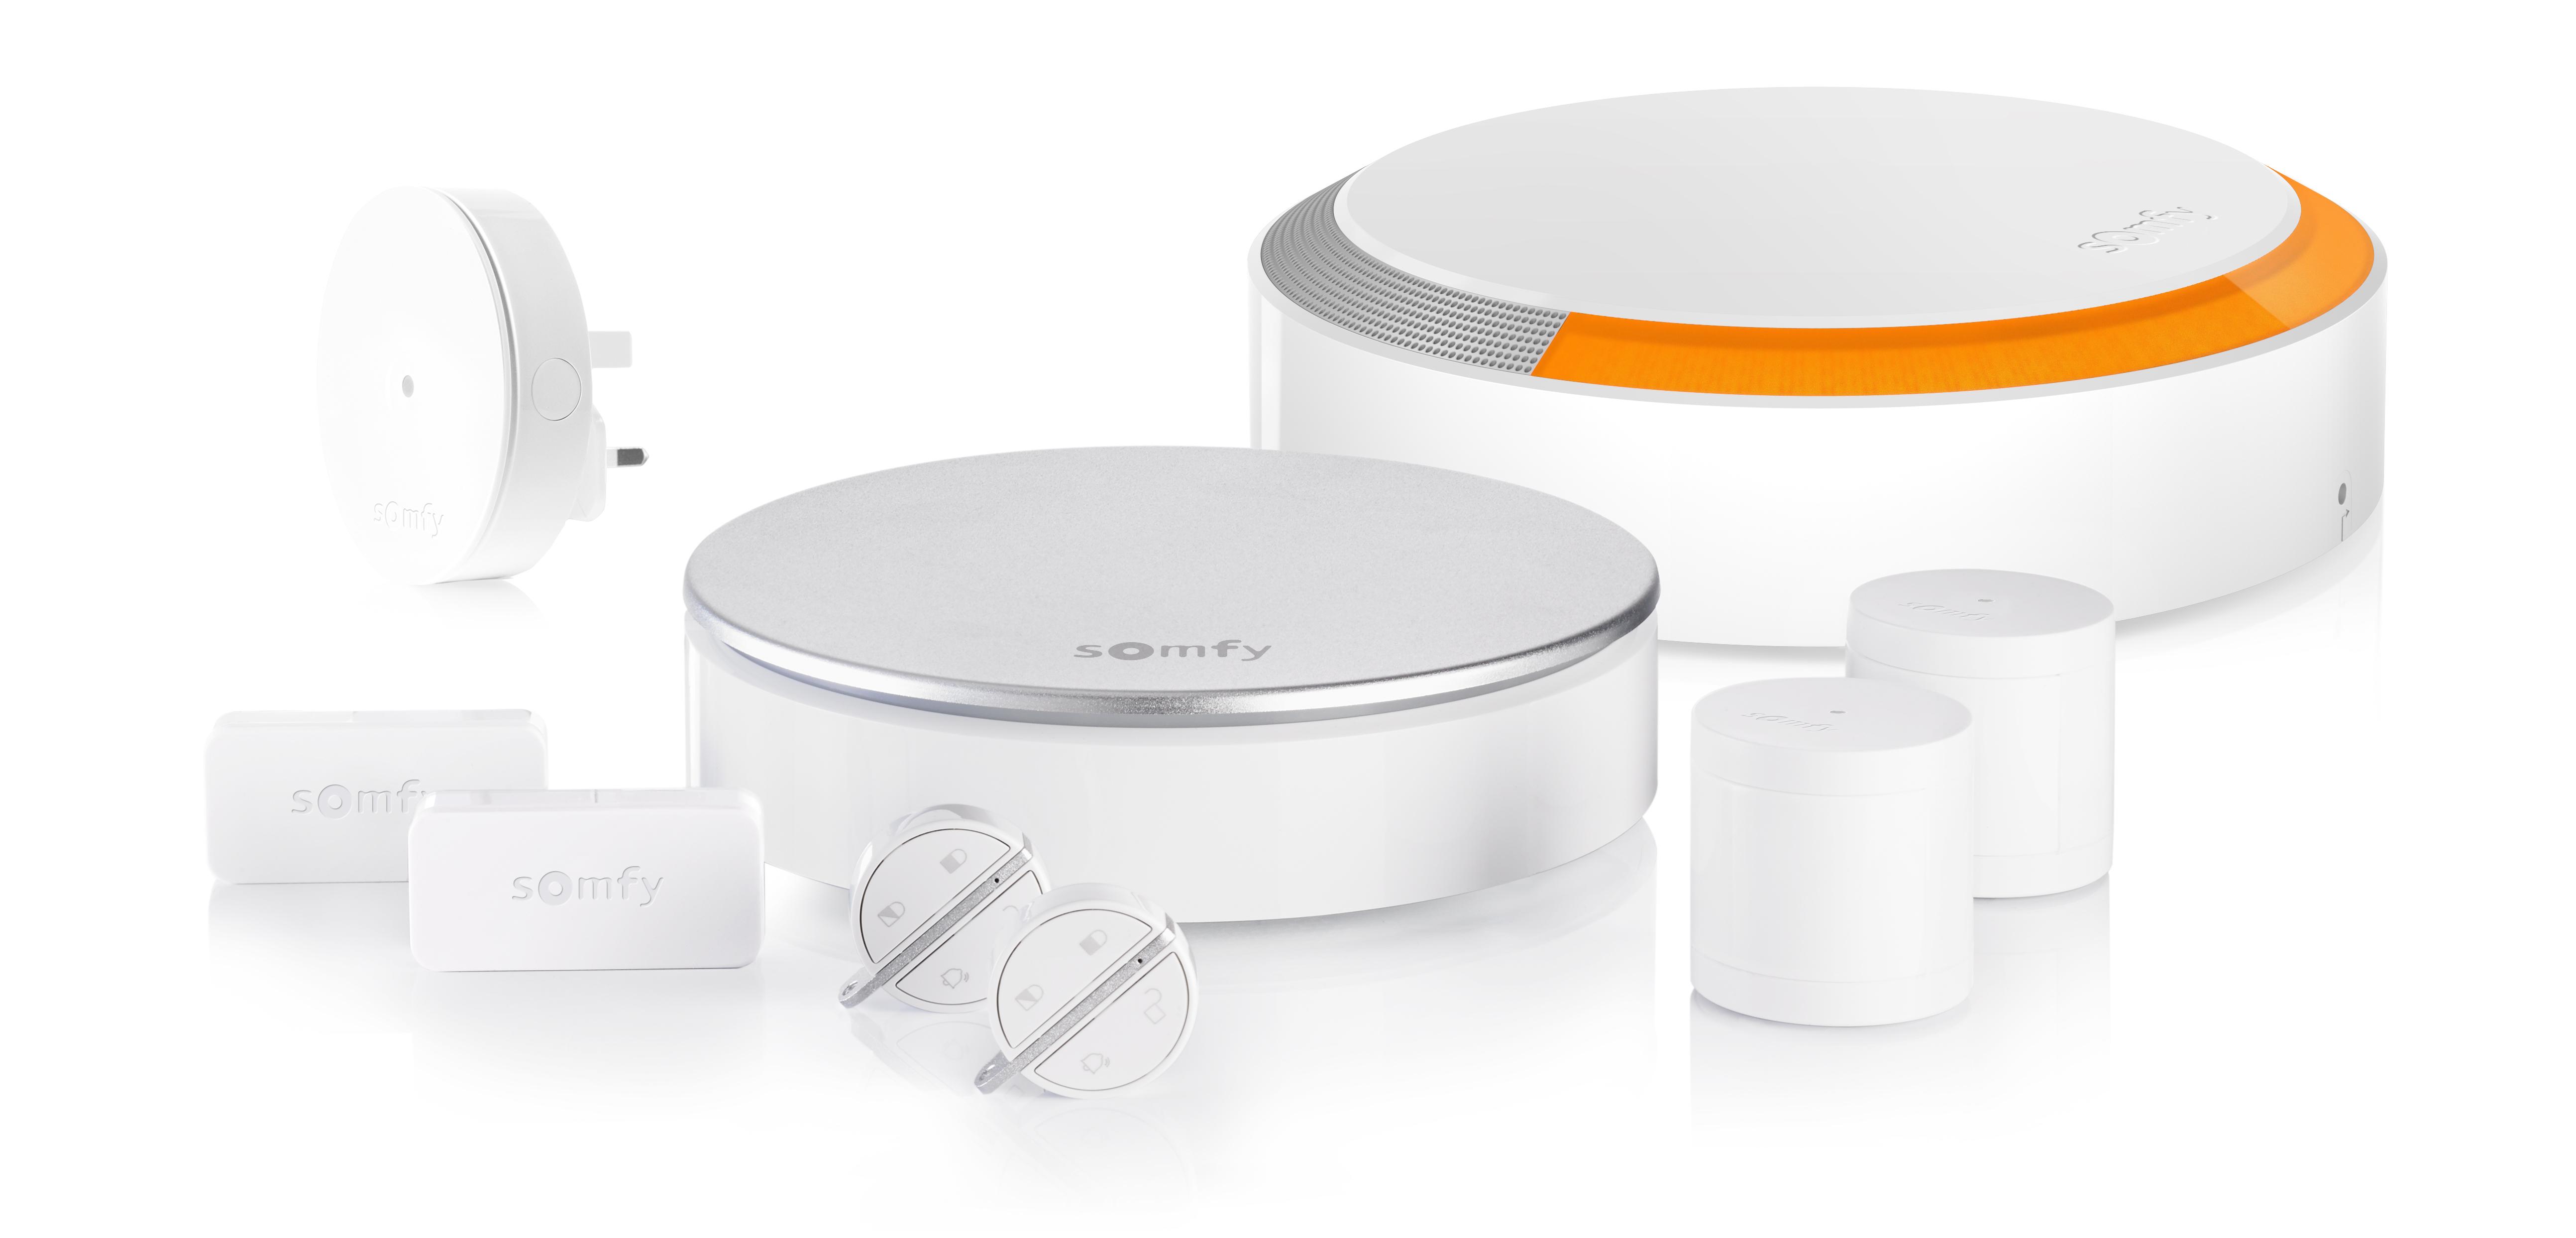 somfy protect home alarm premium. Black Bedroom Furniture Sets. Home Design Ideas